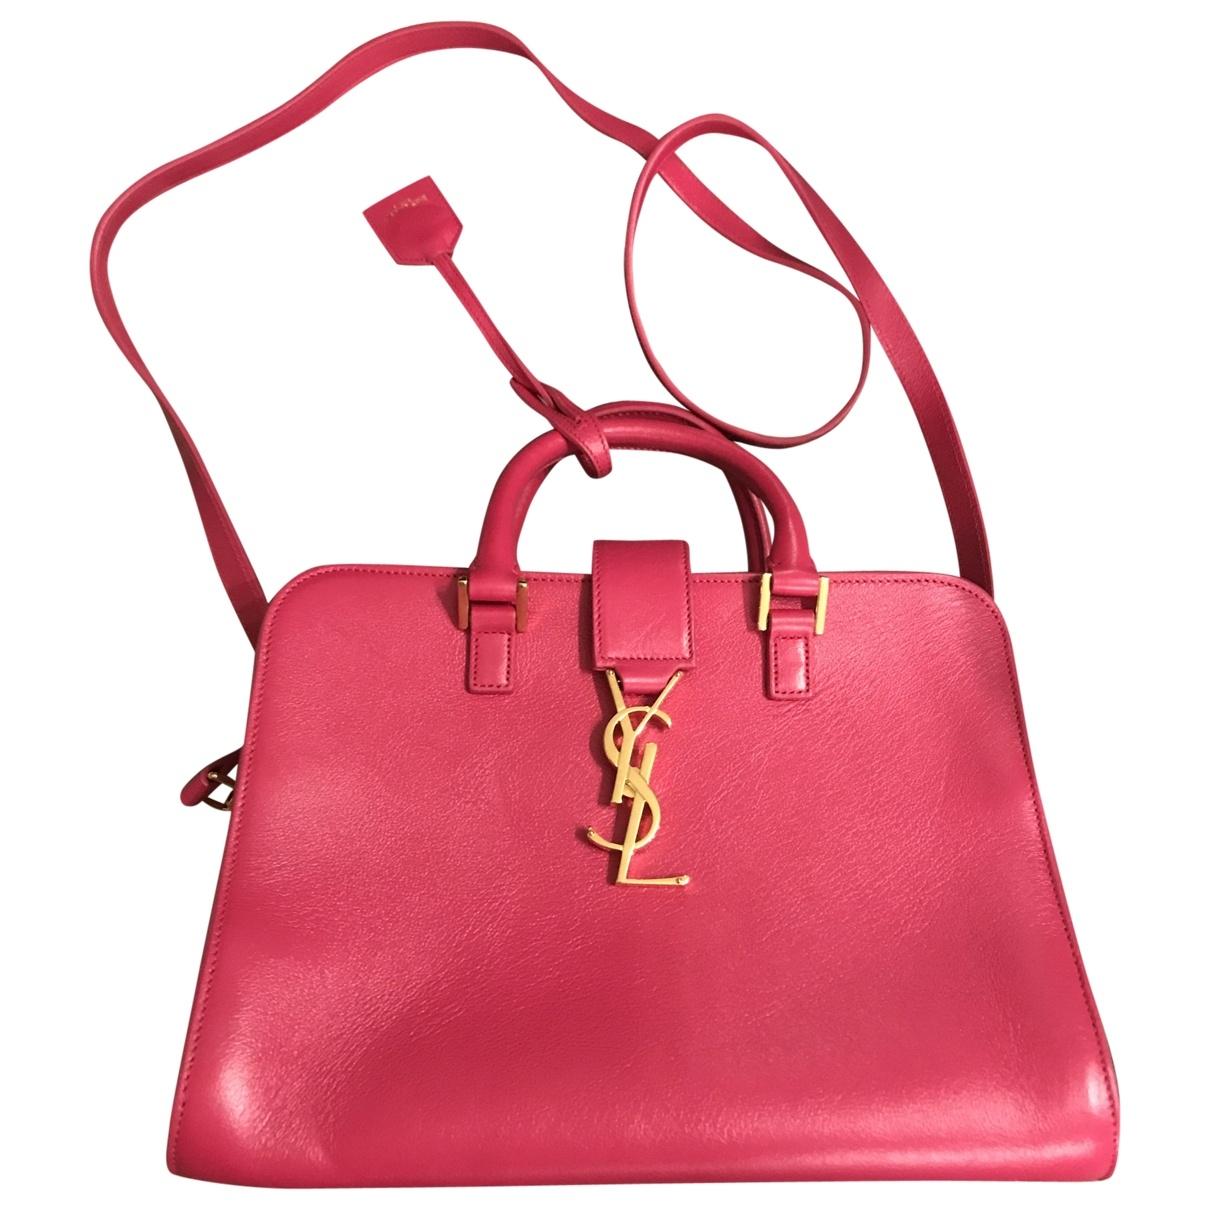 Saint Laurent - Sac a main Monogram Cabas pour femme en cuir - rose